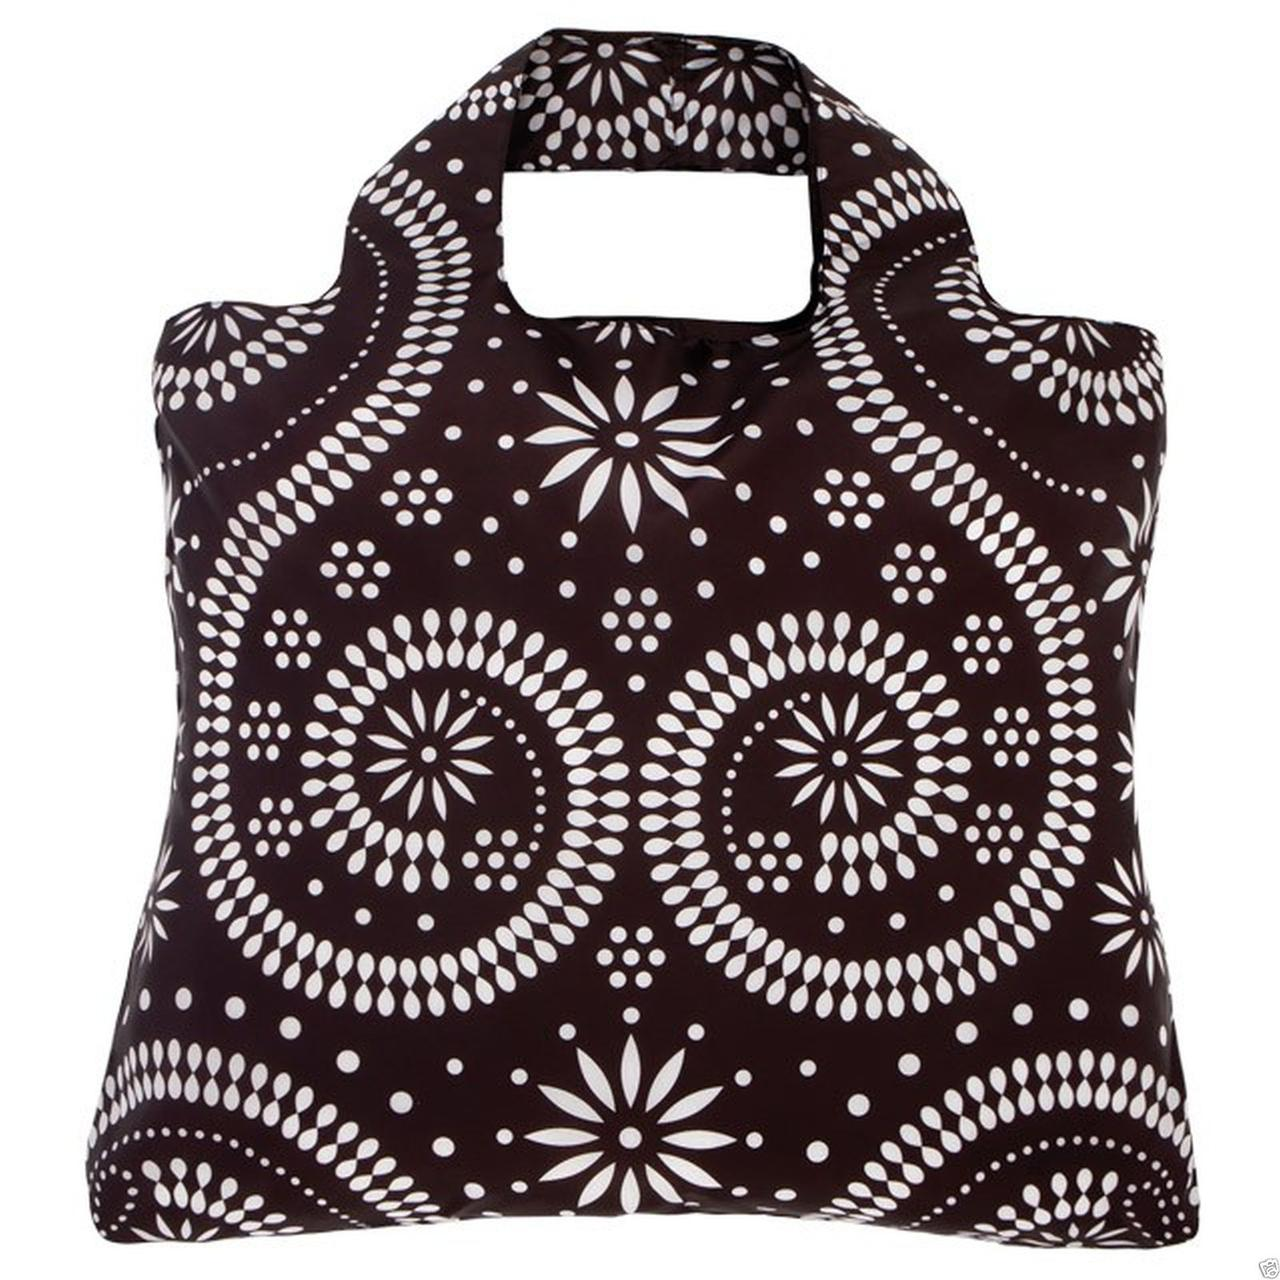 Сумка для покупок Envirosax (Австралия) женская ET.B4 сумки шоппер женские